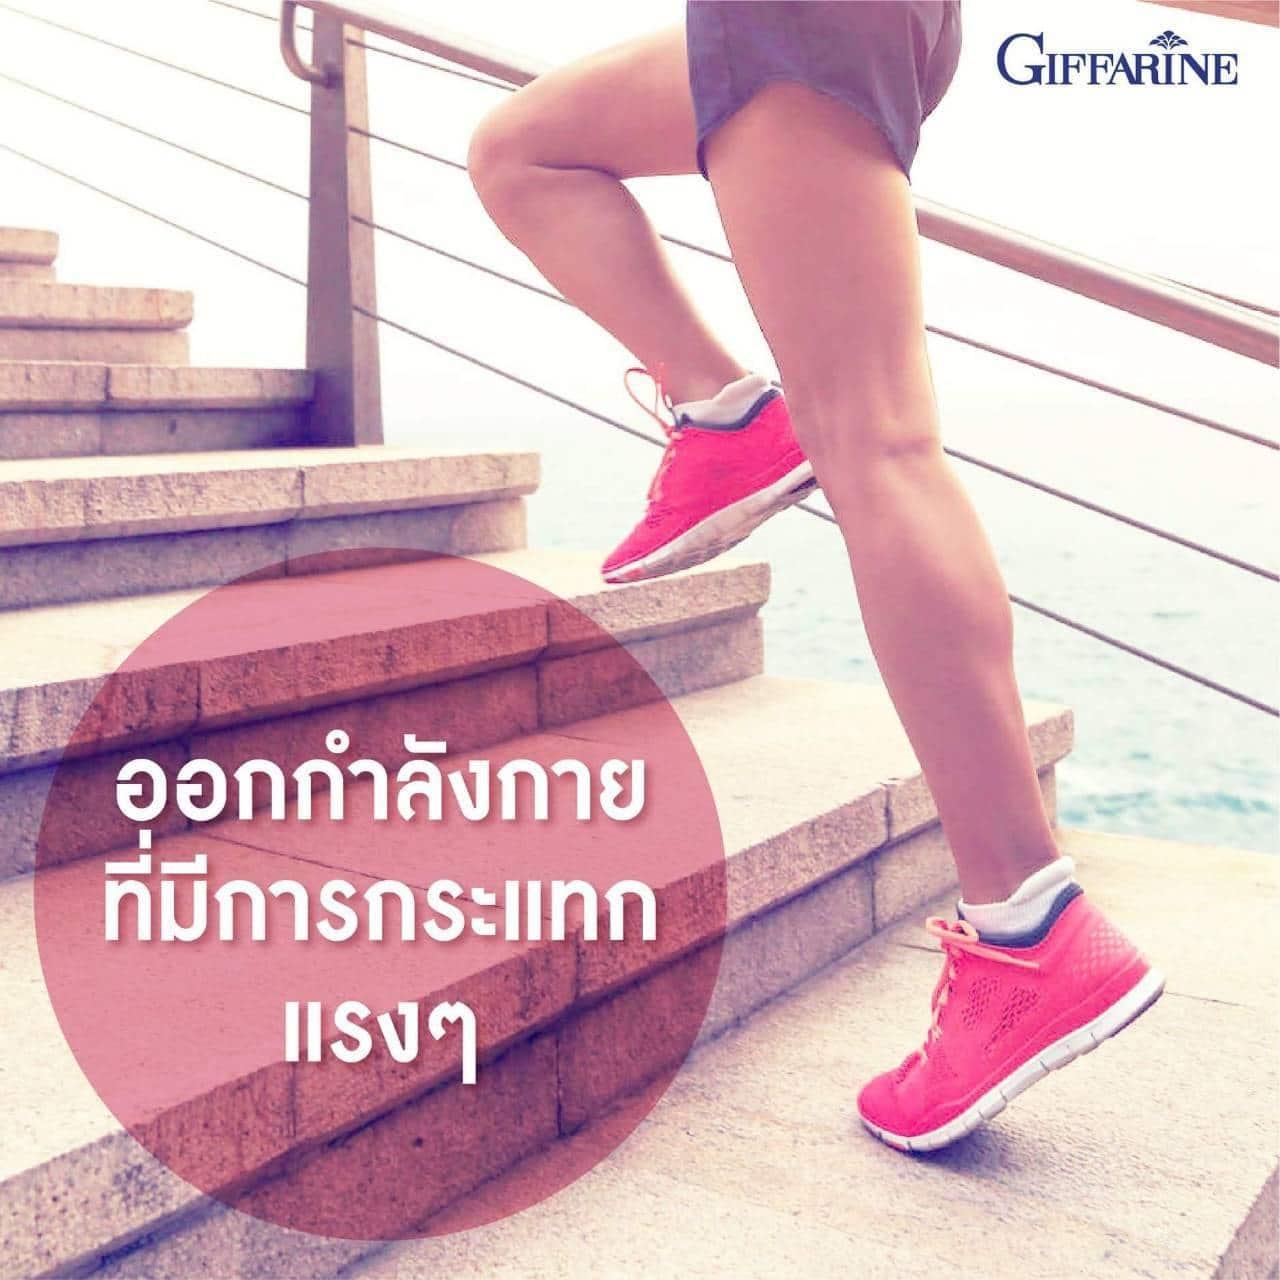 ออกกำลังกายที่มีการกระแทกแรงๆ